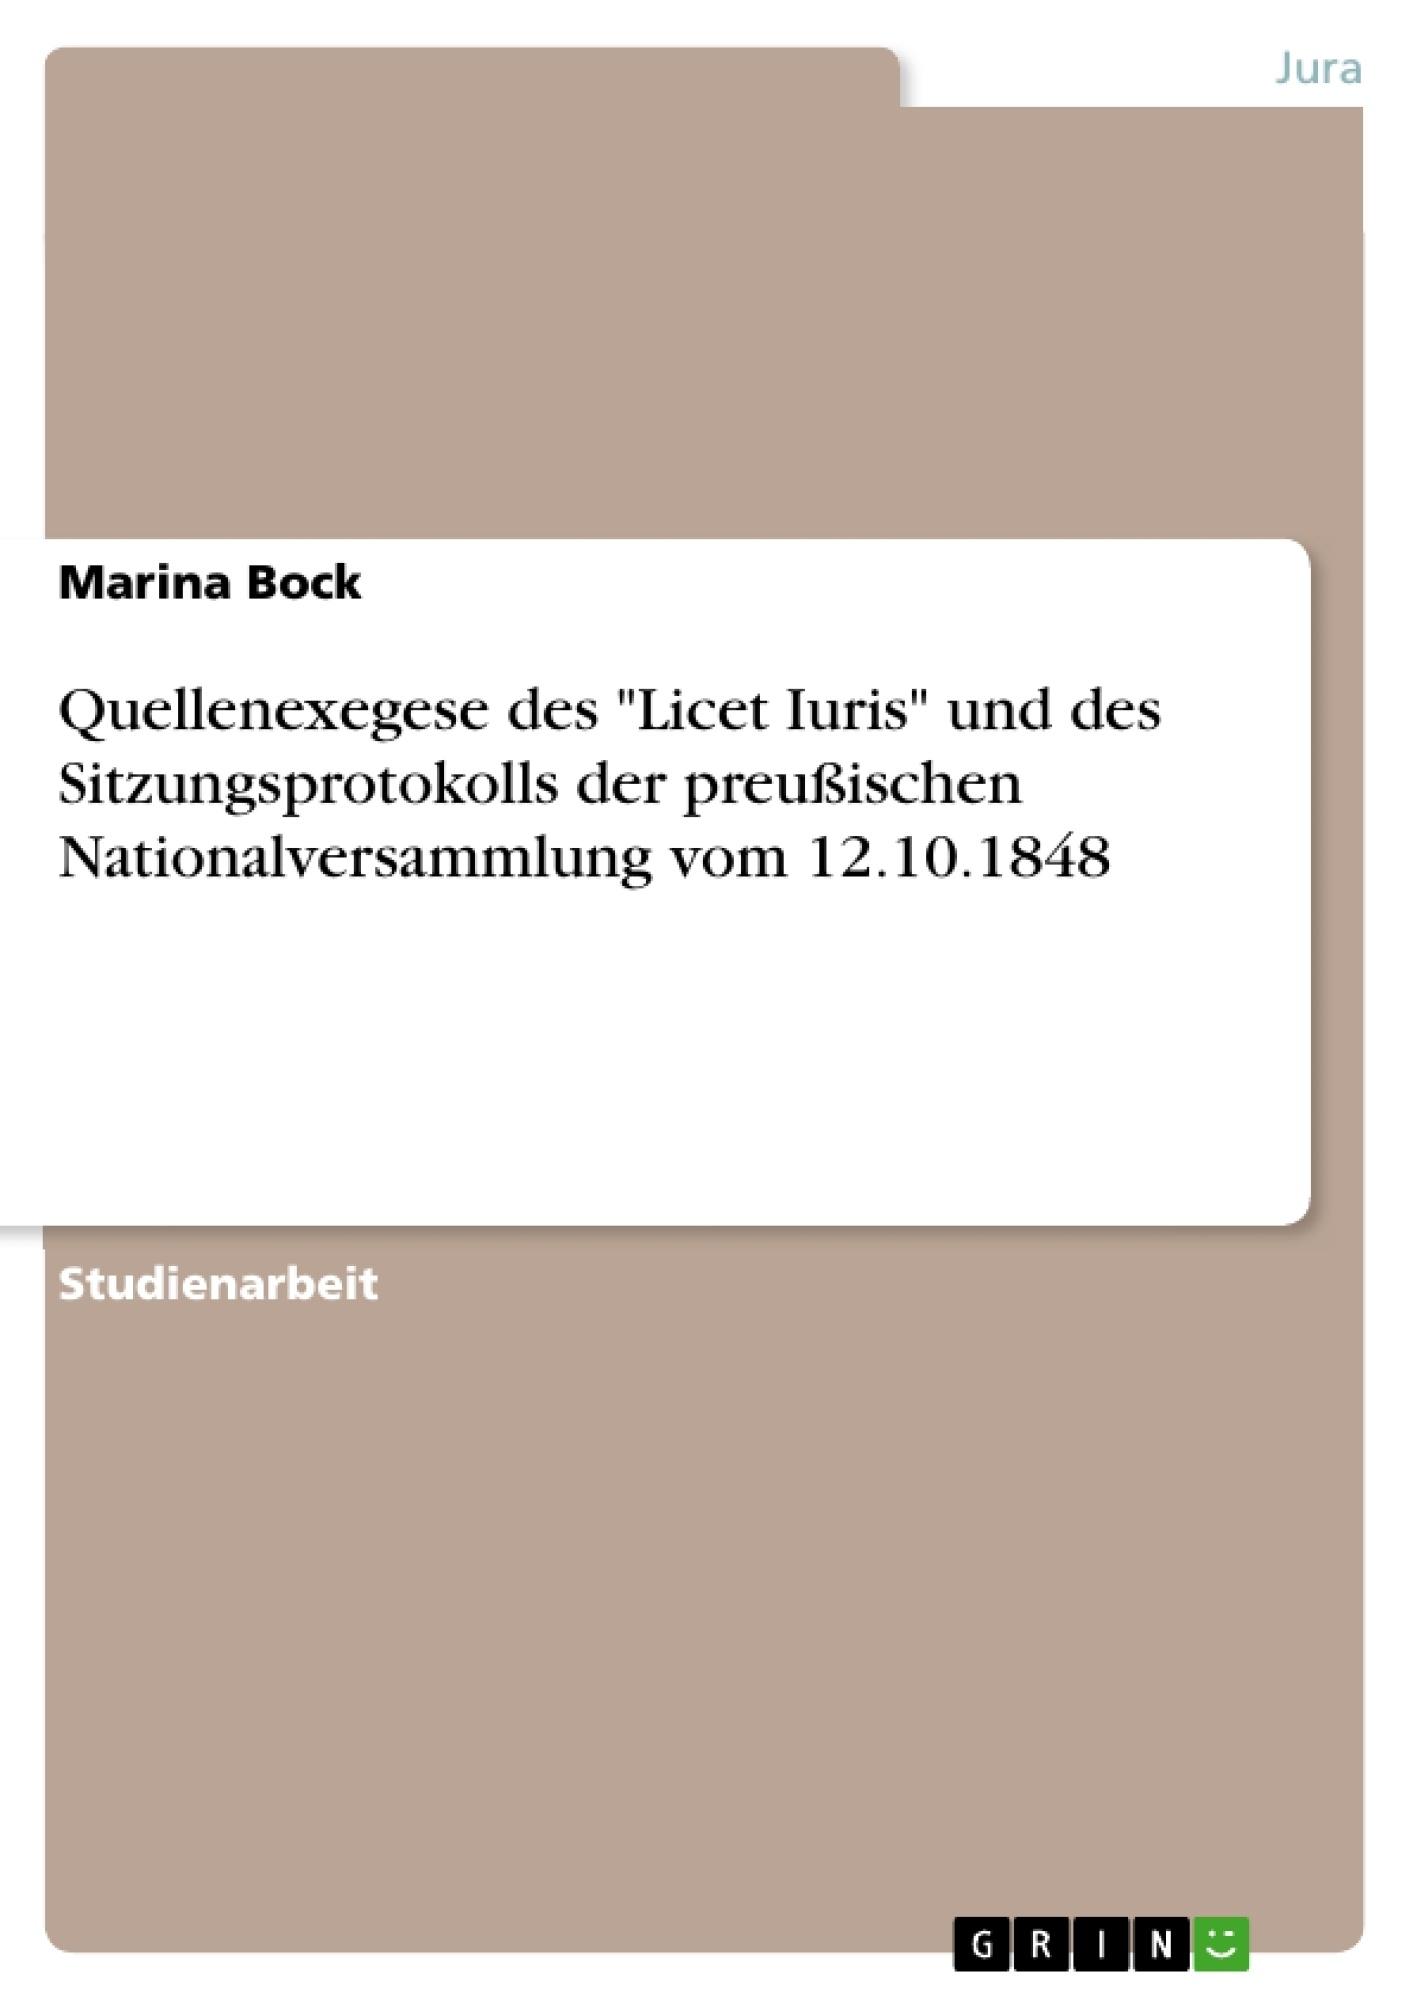 """Titel: Quellenexegese des """"Licet Iuris"""" und des Sitzungsprotokolls der preußischen Nationalversammlung vom 12.10.1848"""